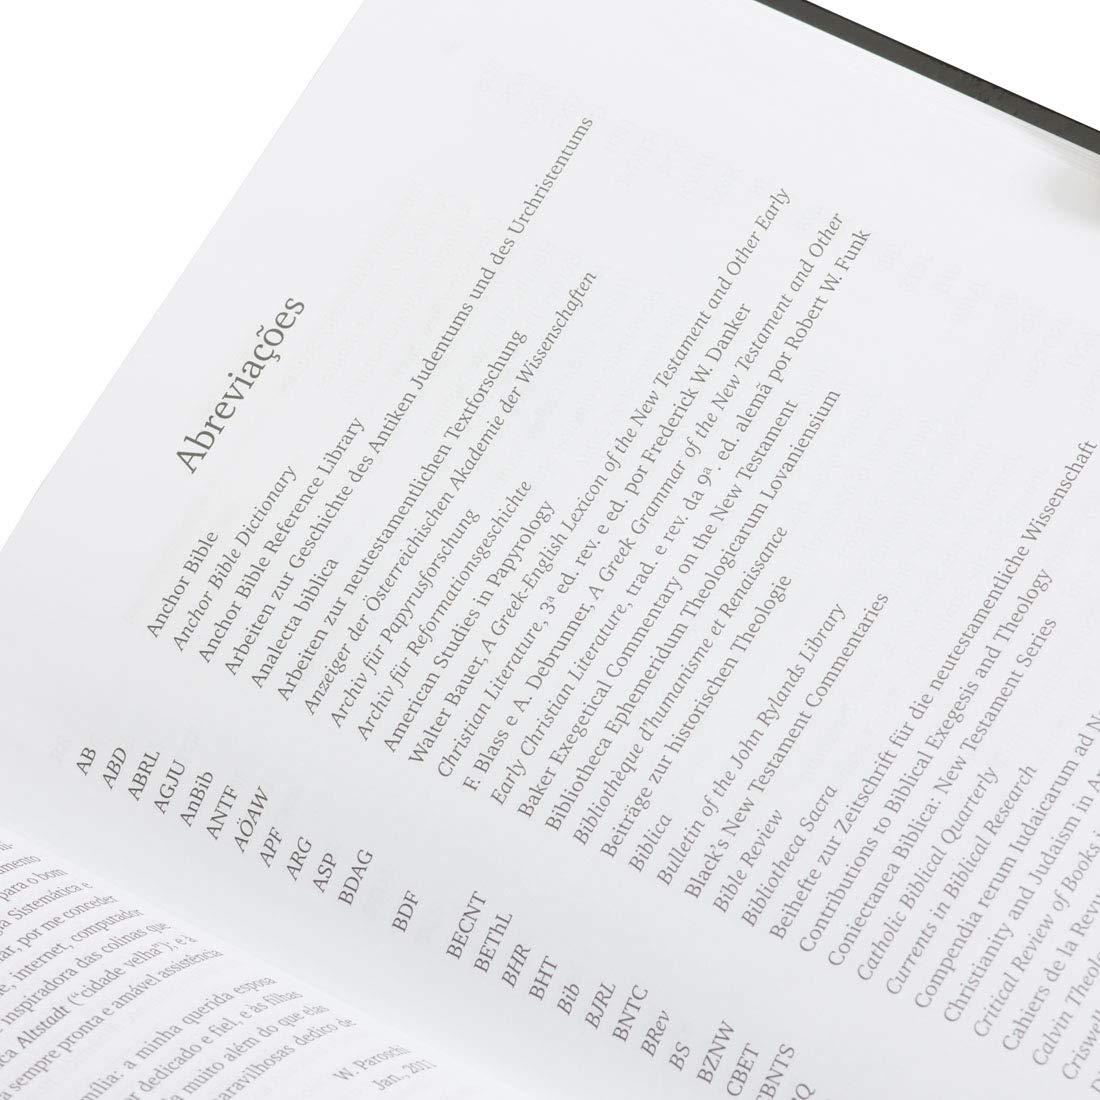 Origem e Transmissão do Texto do Novo Testamento: Edição Acadêmica  - Universo Bíblico Rs